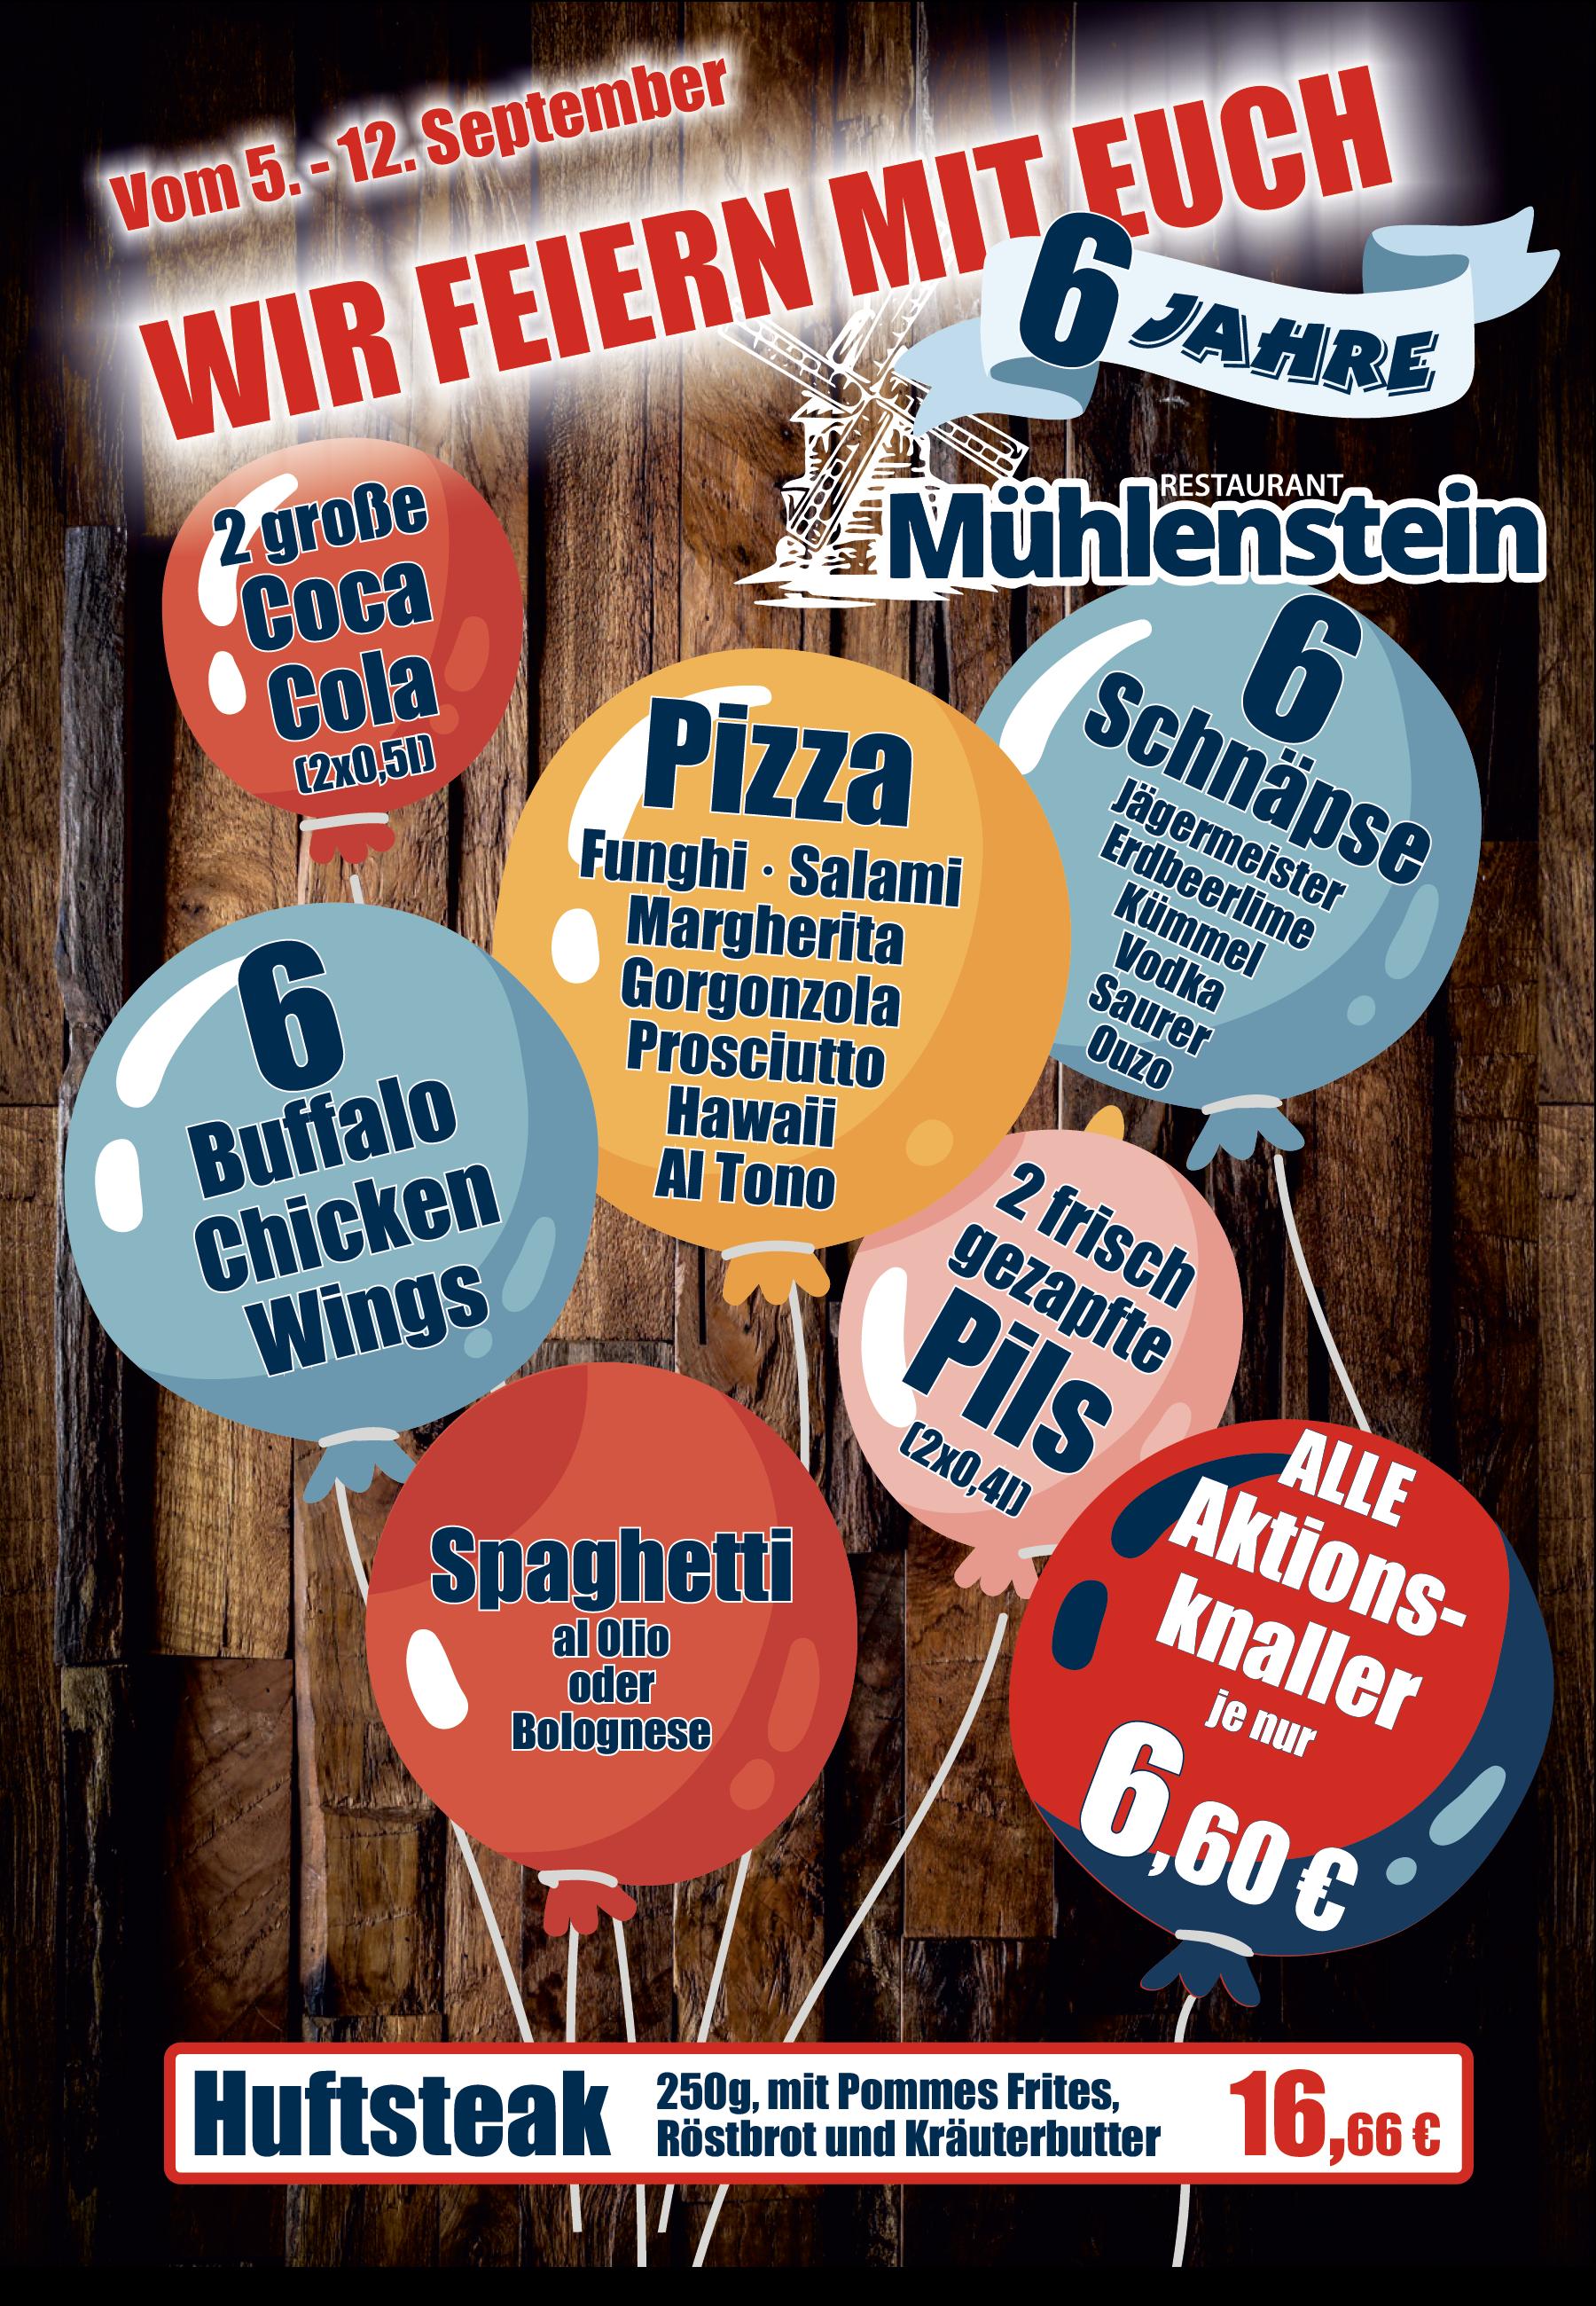 2021 09 01 Restaurant Wedel Mühlenstein Burger Pizza Brunch Geburtatag